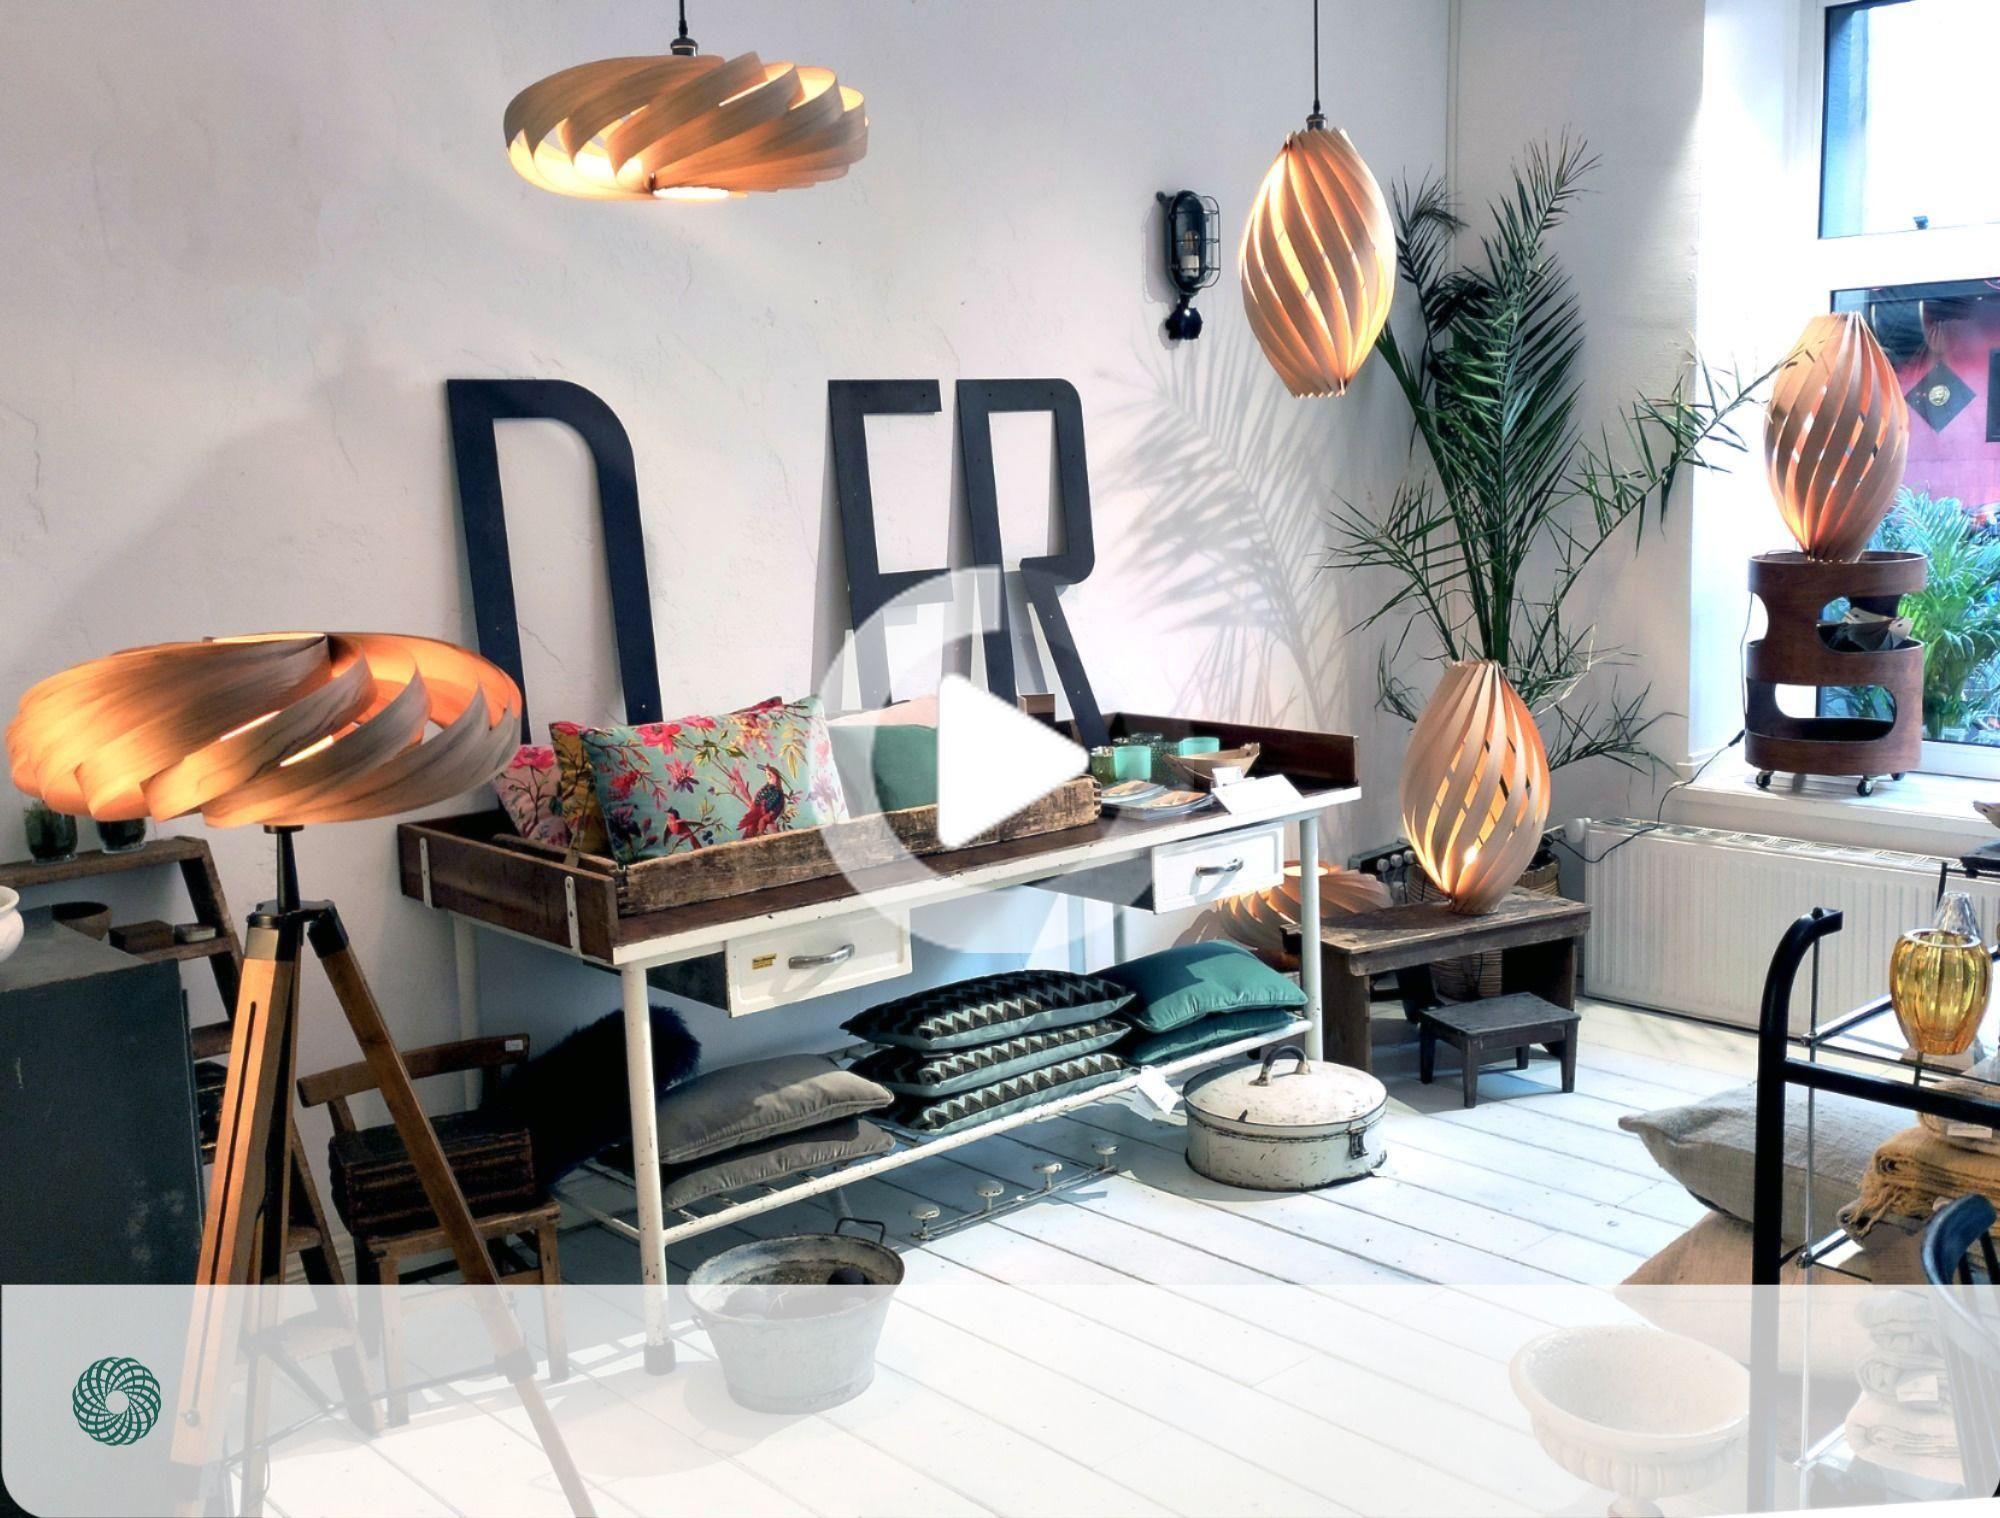 design exhibition 'passagen2020' at internationale